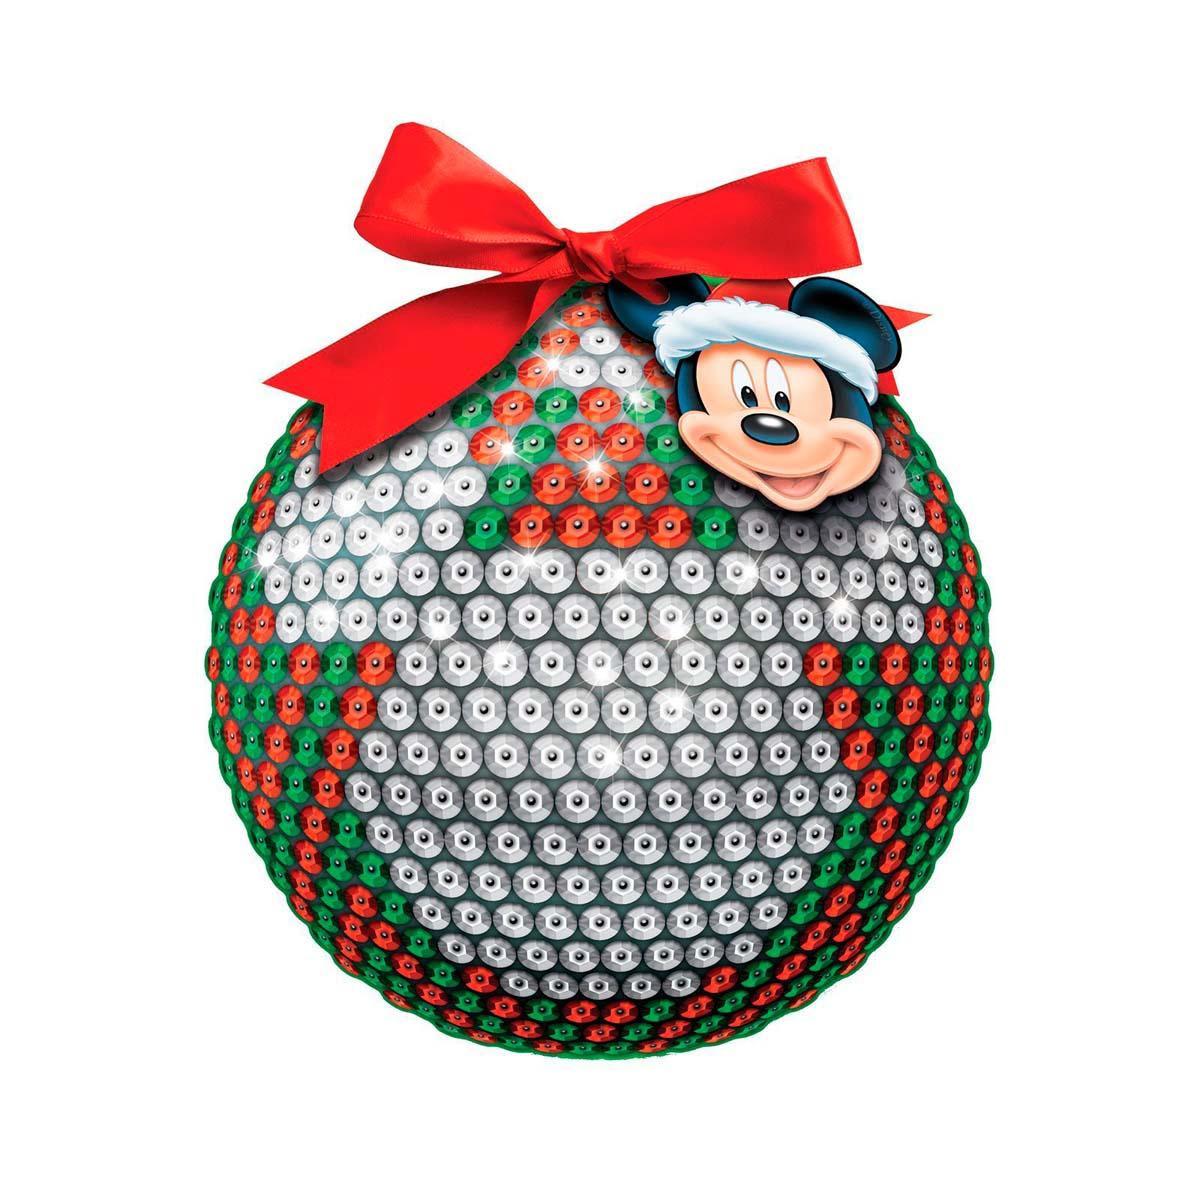 1371702 Новогодний шар Микки Маус с пайетками + крепления + лента + мини-открытка